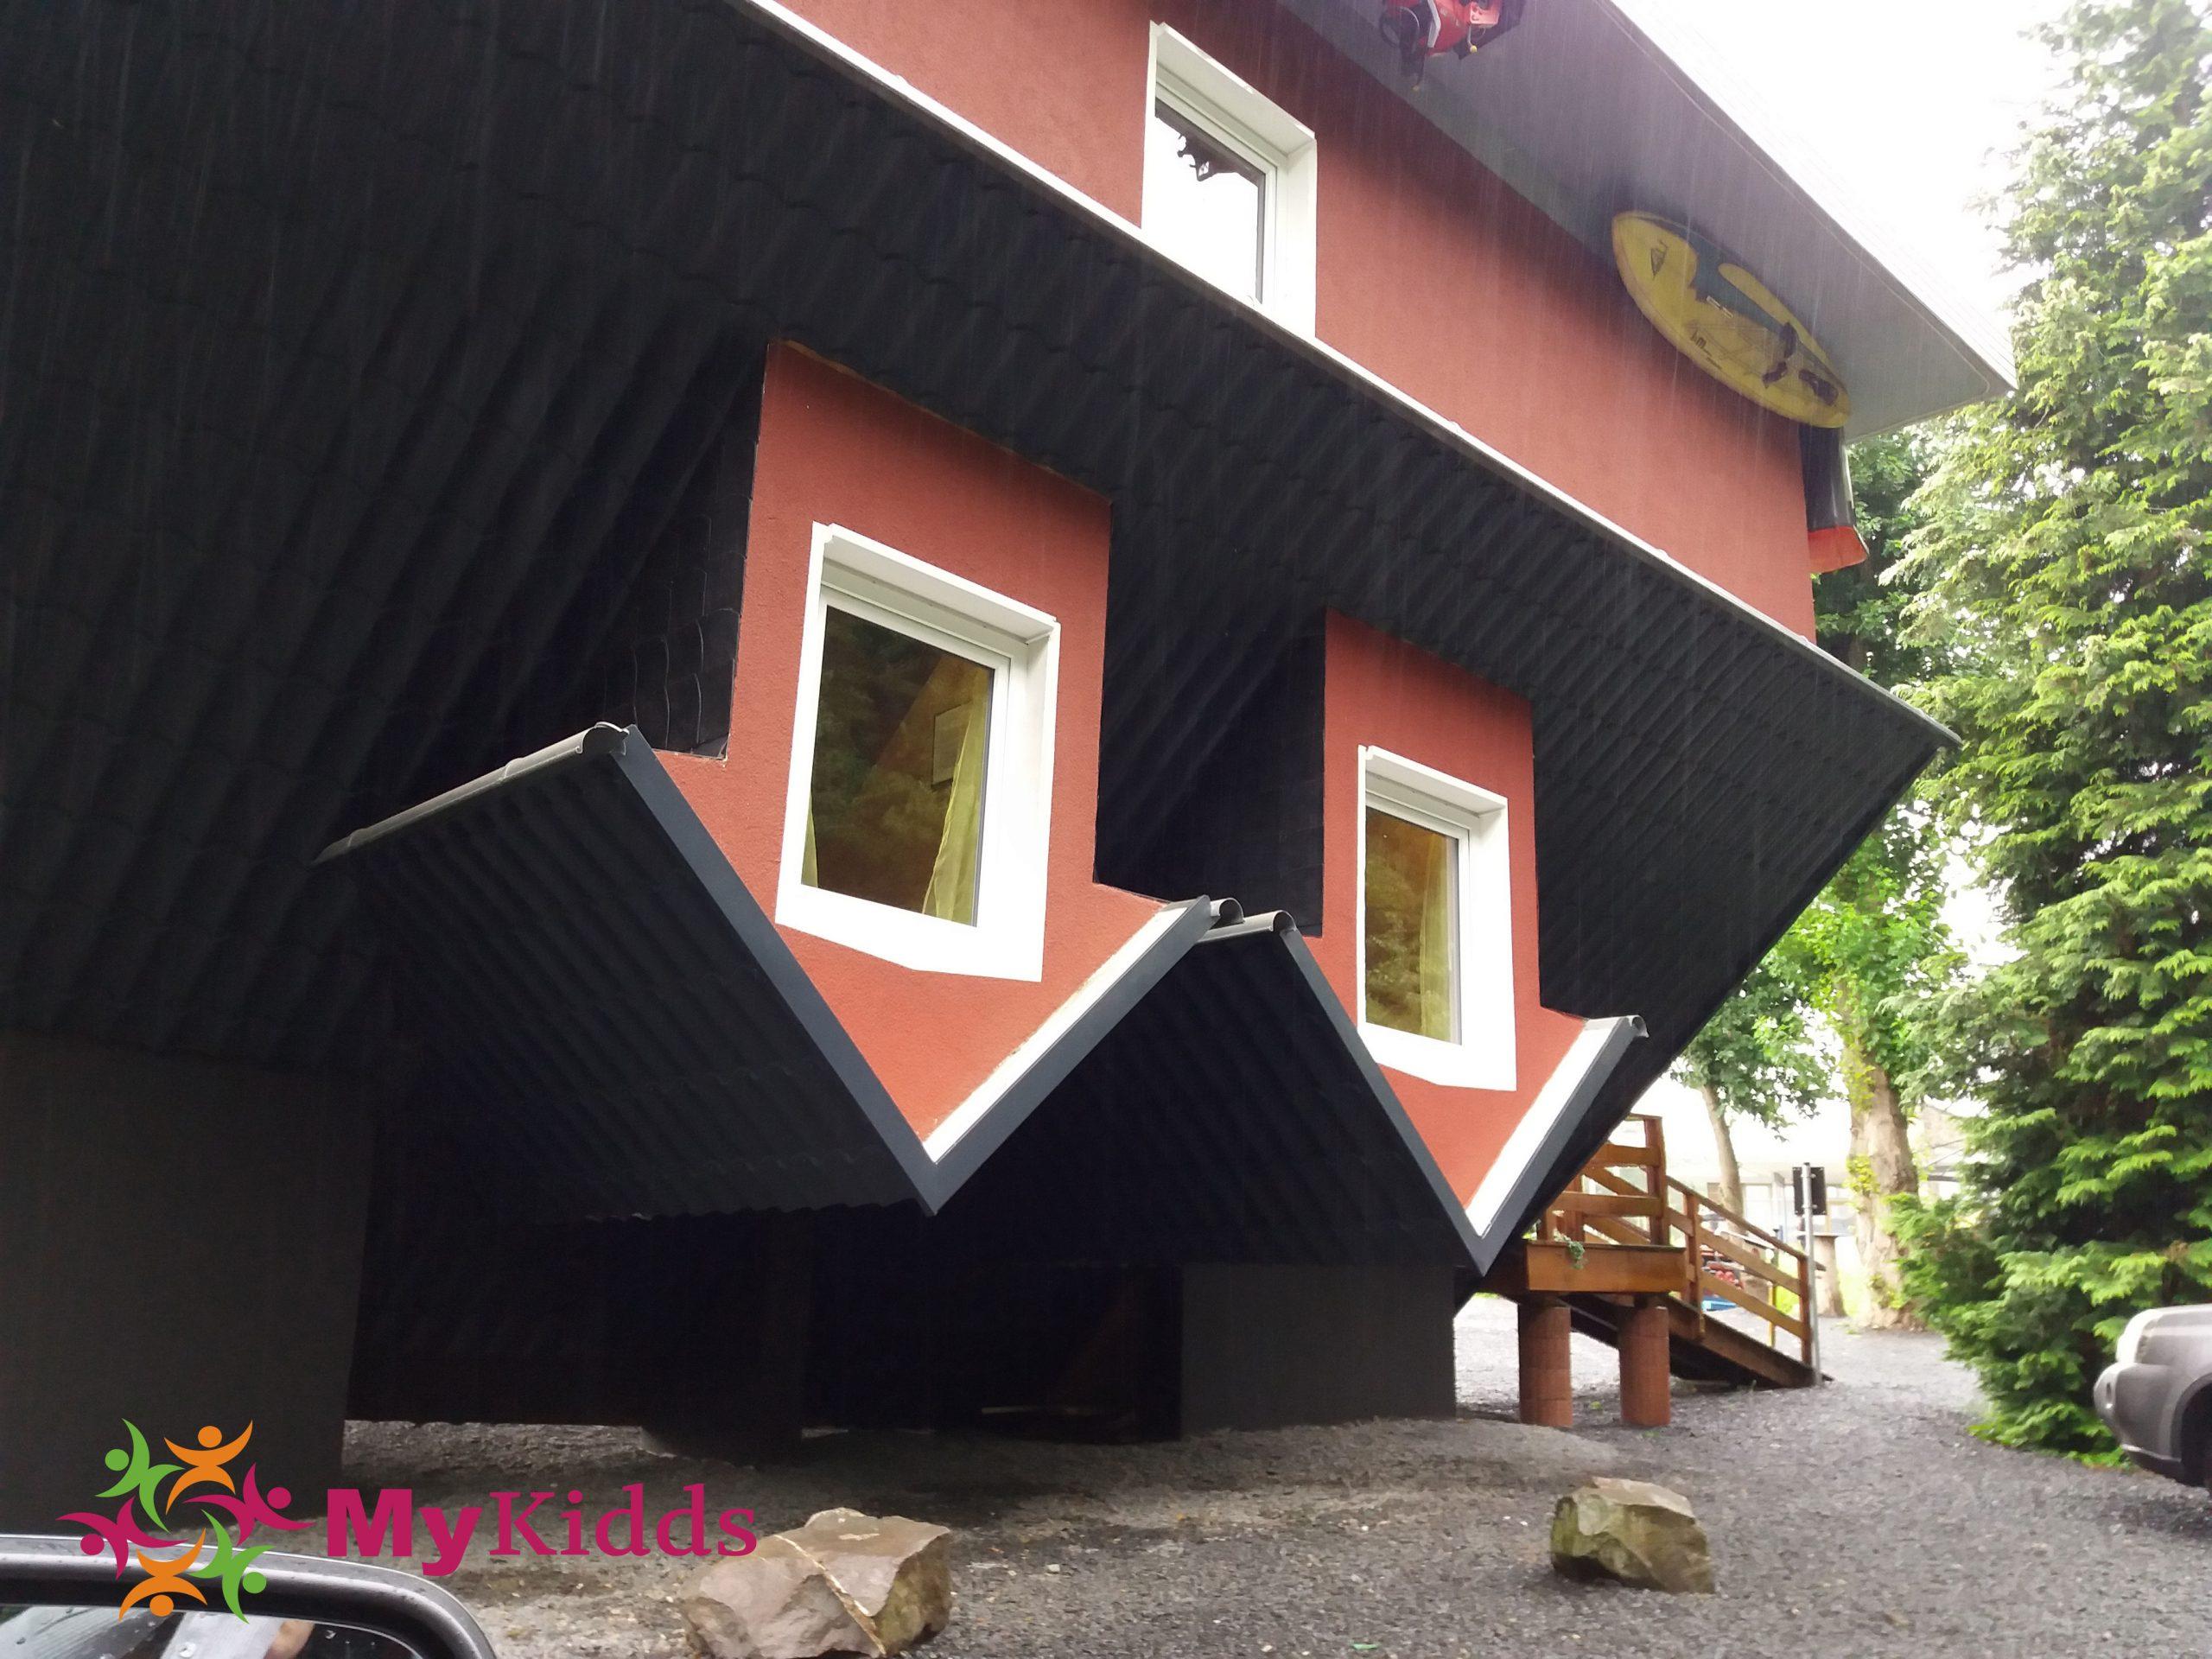 Das Tolle Haus Am Edersee - Mykidds für Lustige Häuser Bilder